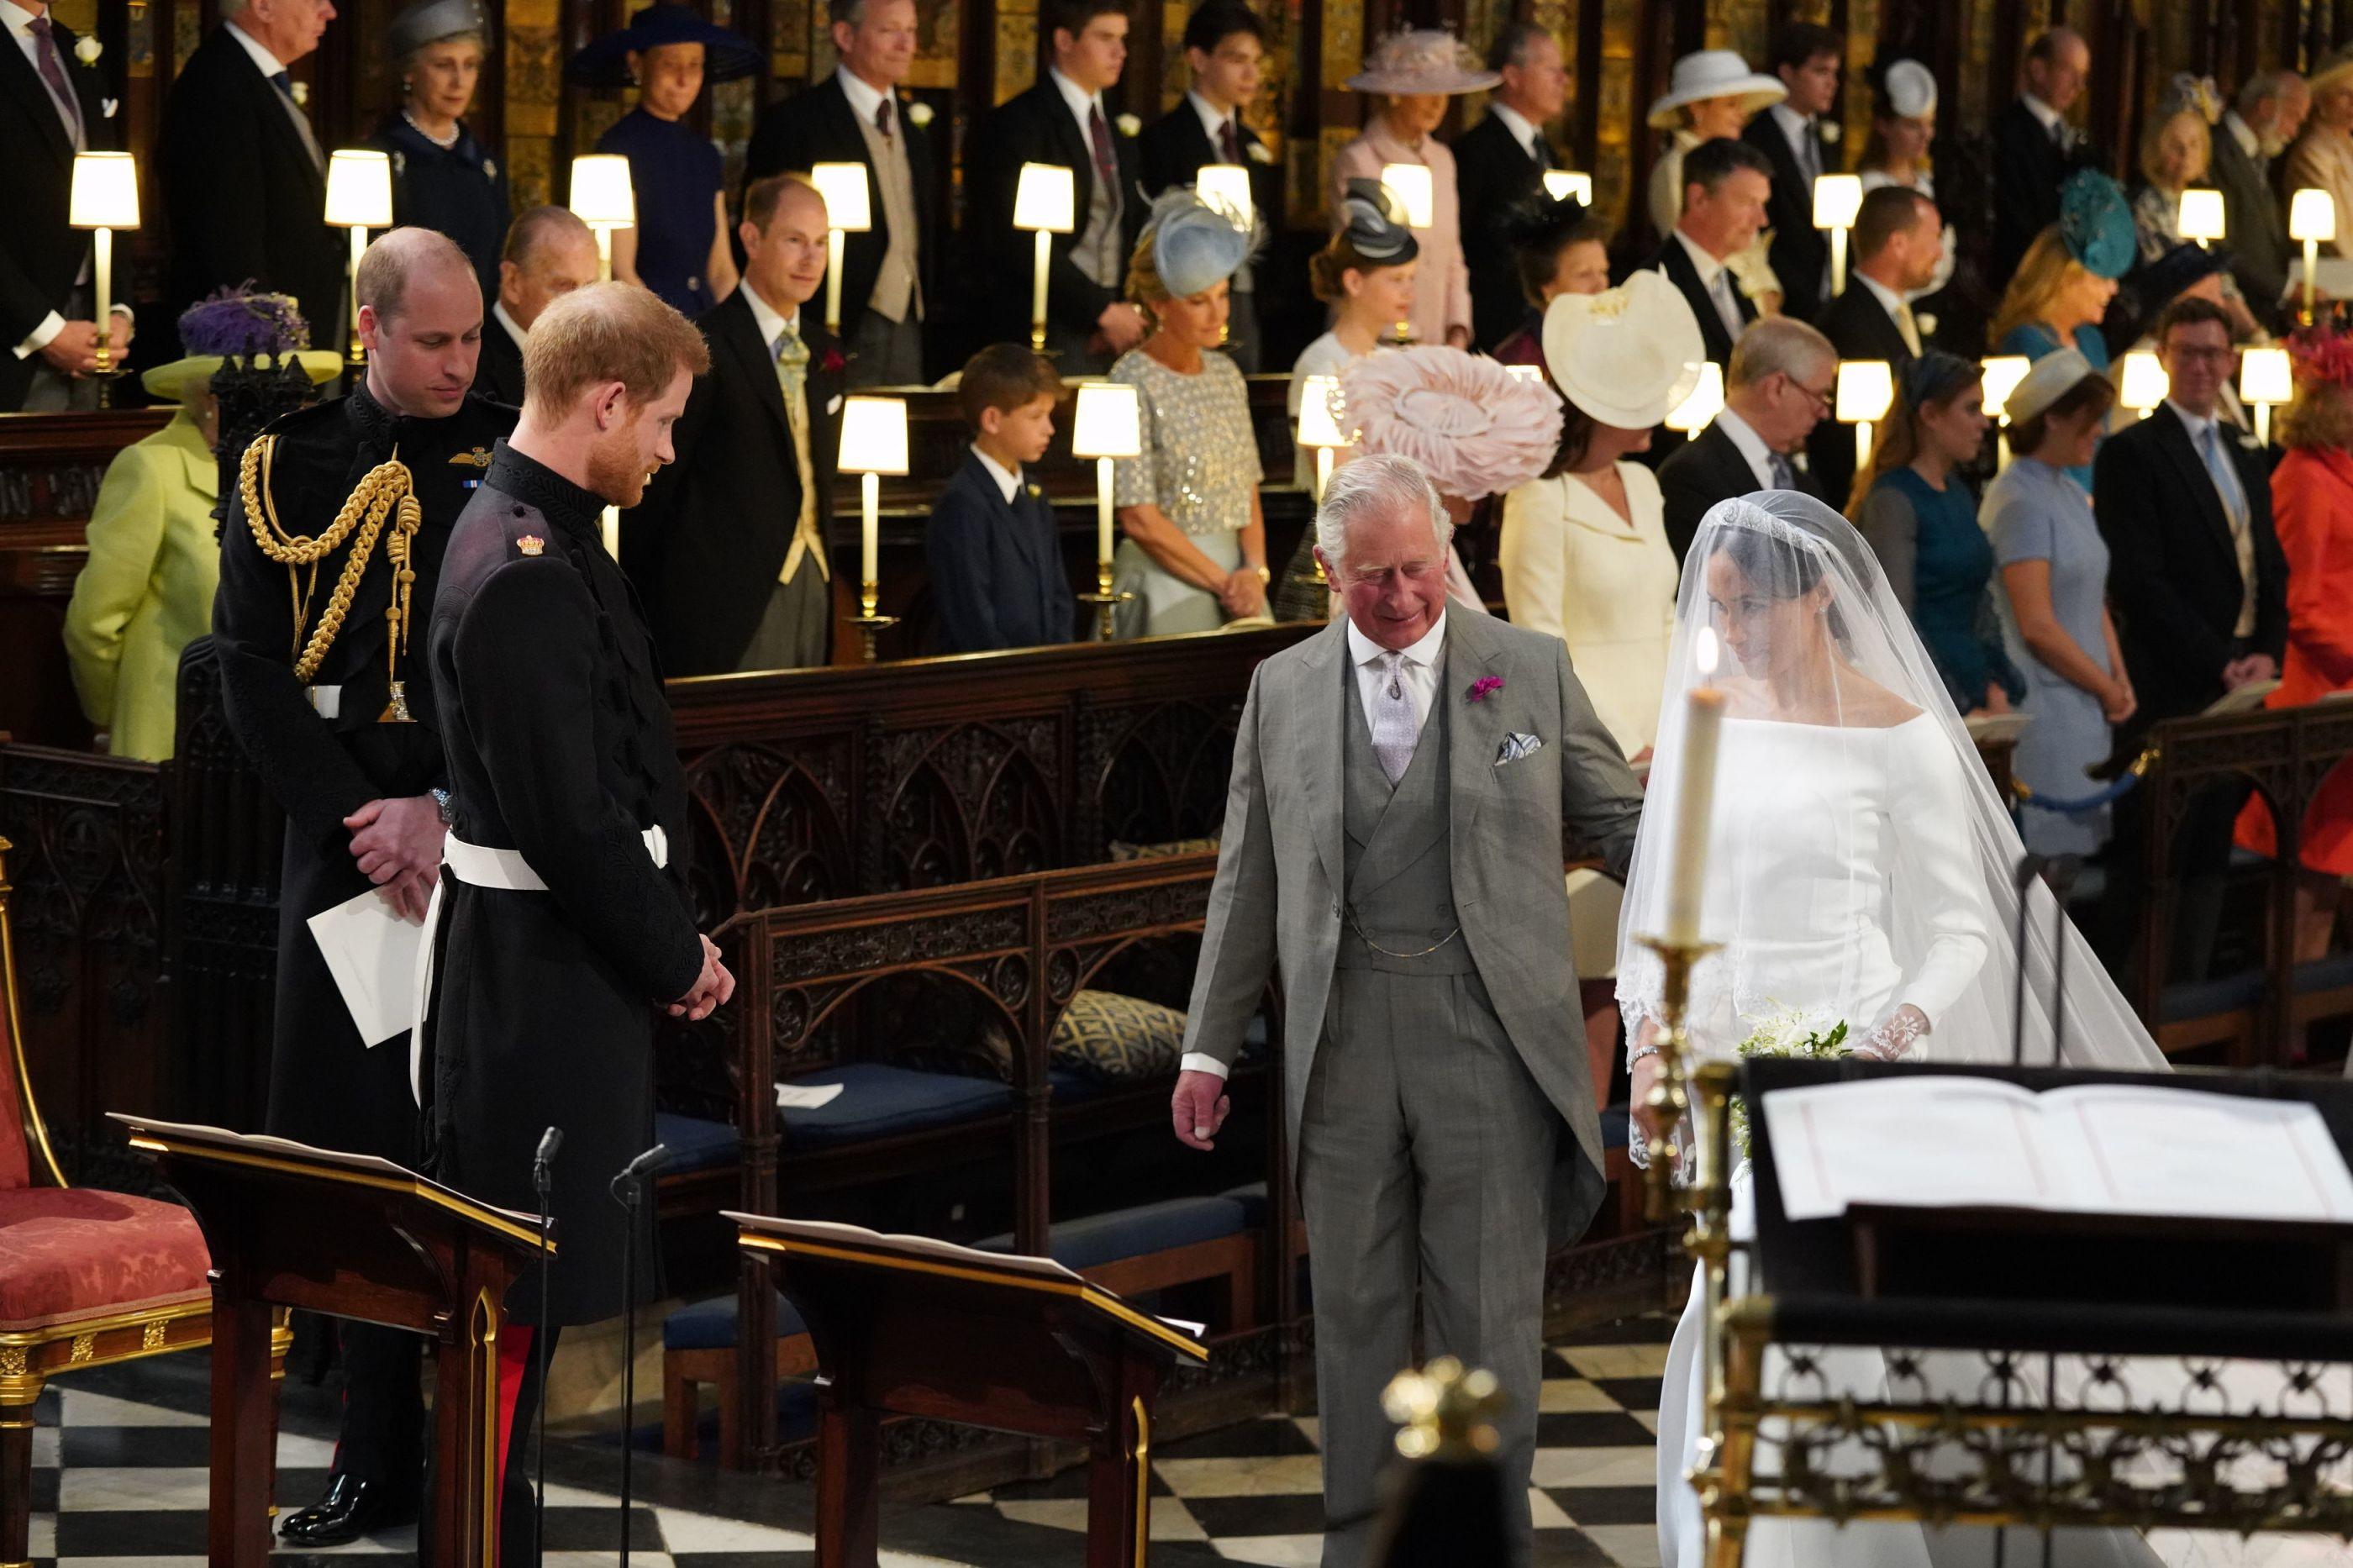 Príncipe Carlos guarda recordação especial do casamento de Harry e Meghan